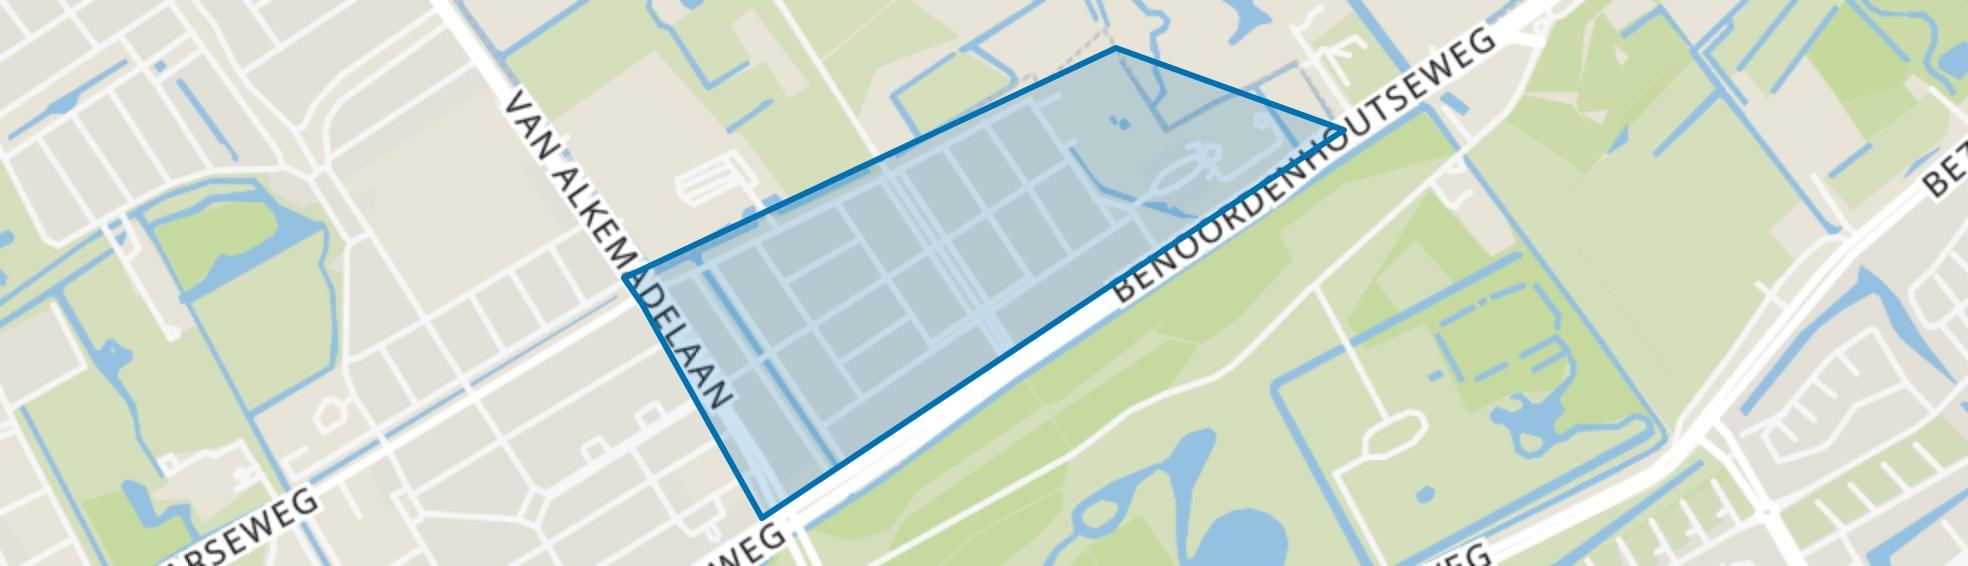 Uilennest, Den Haag map